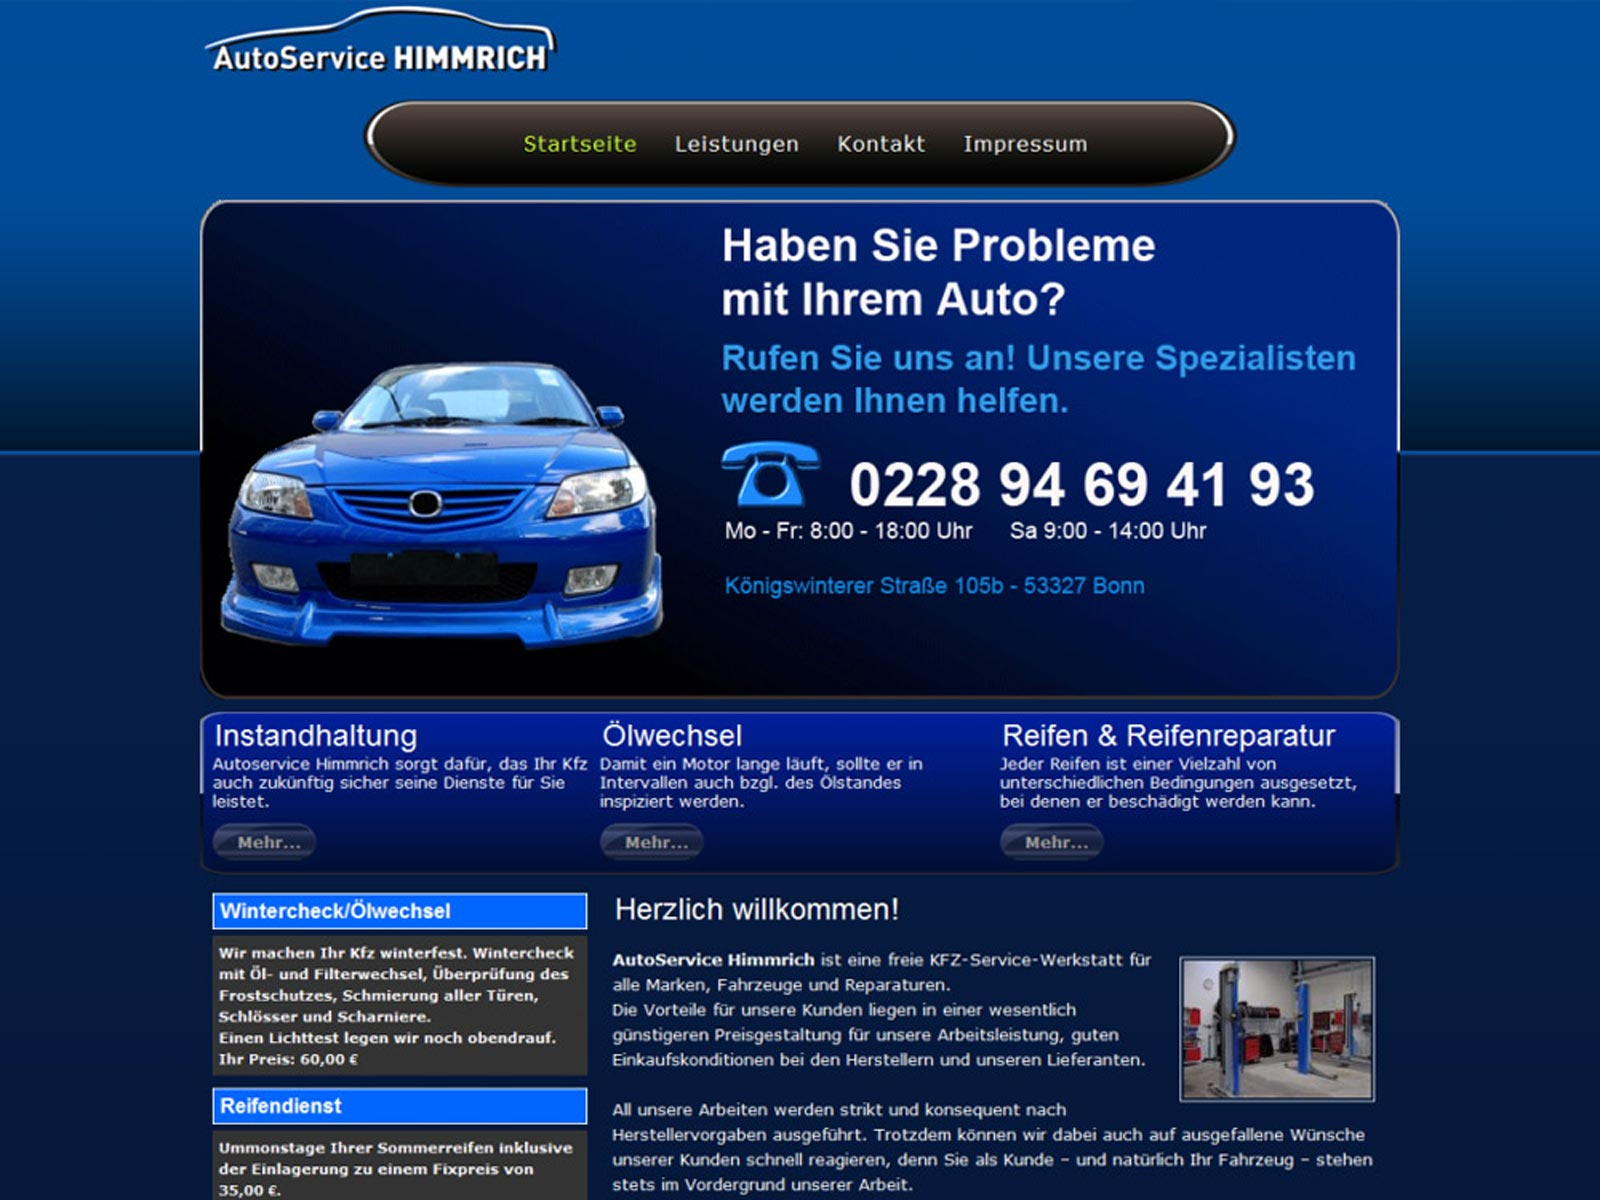 Autoservice Himmrich